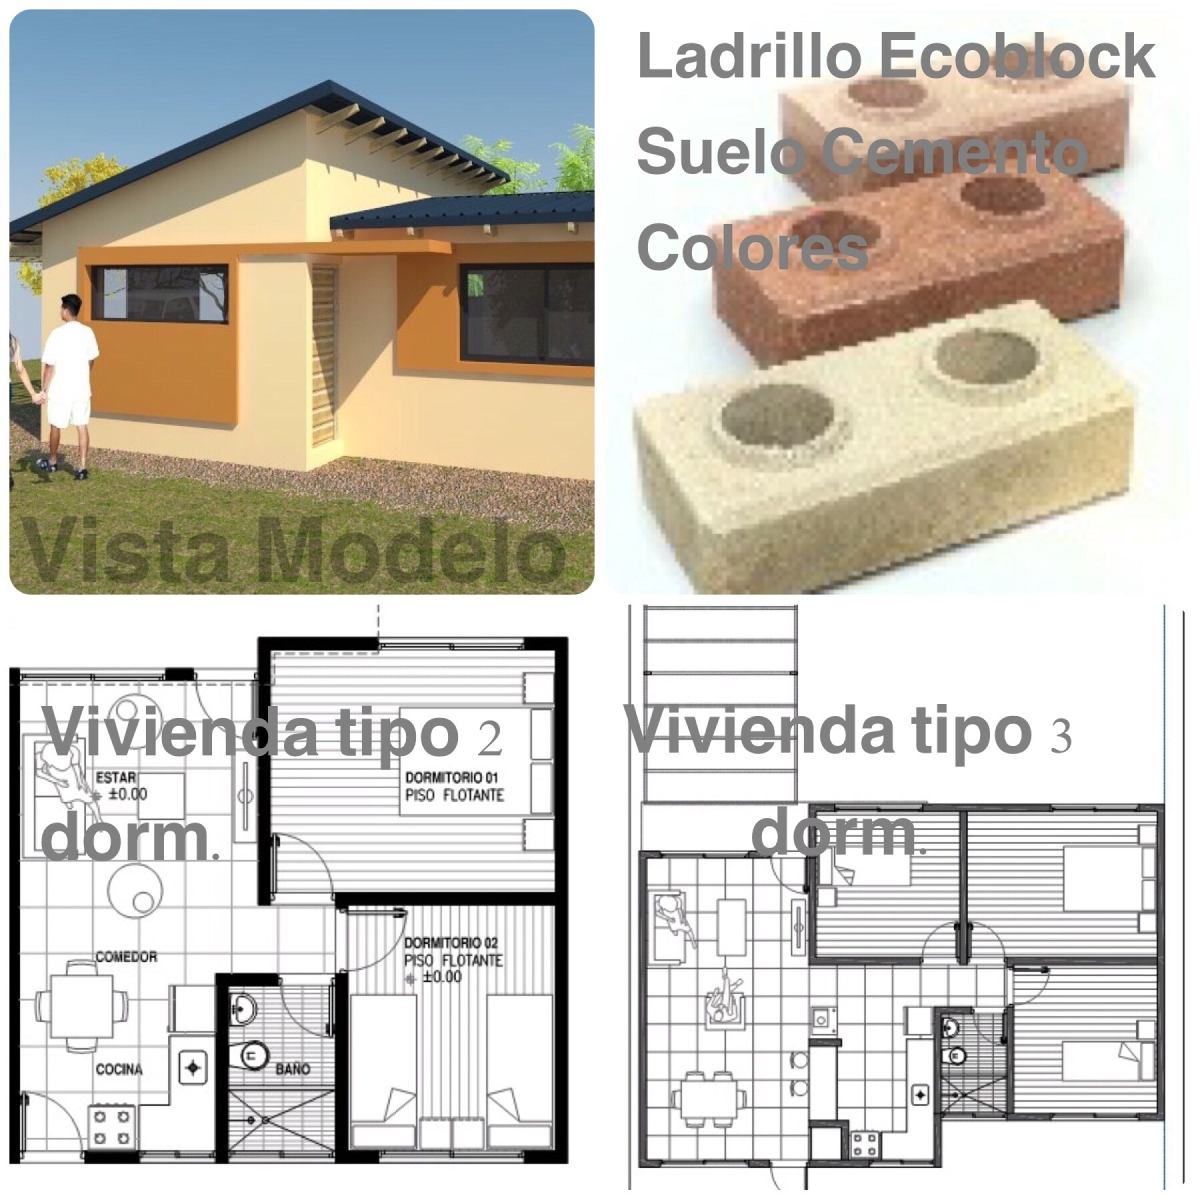 Casas prefabricadas ladrillo ecoblock llave en mano bps for Casas llave en mano